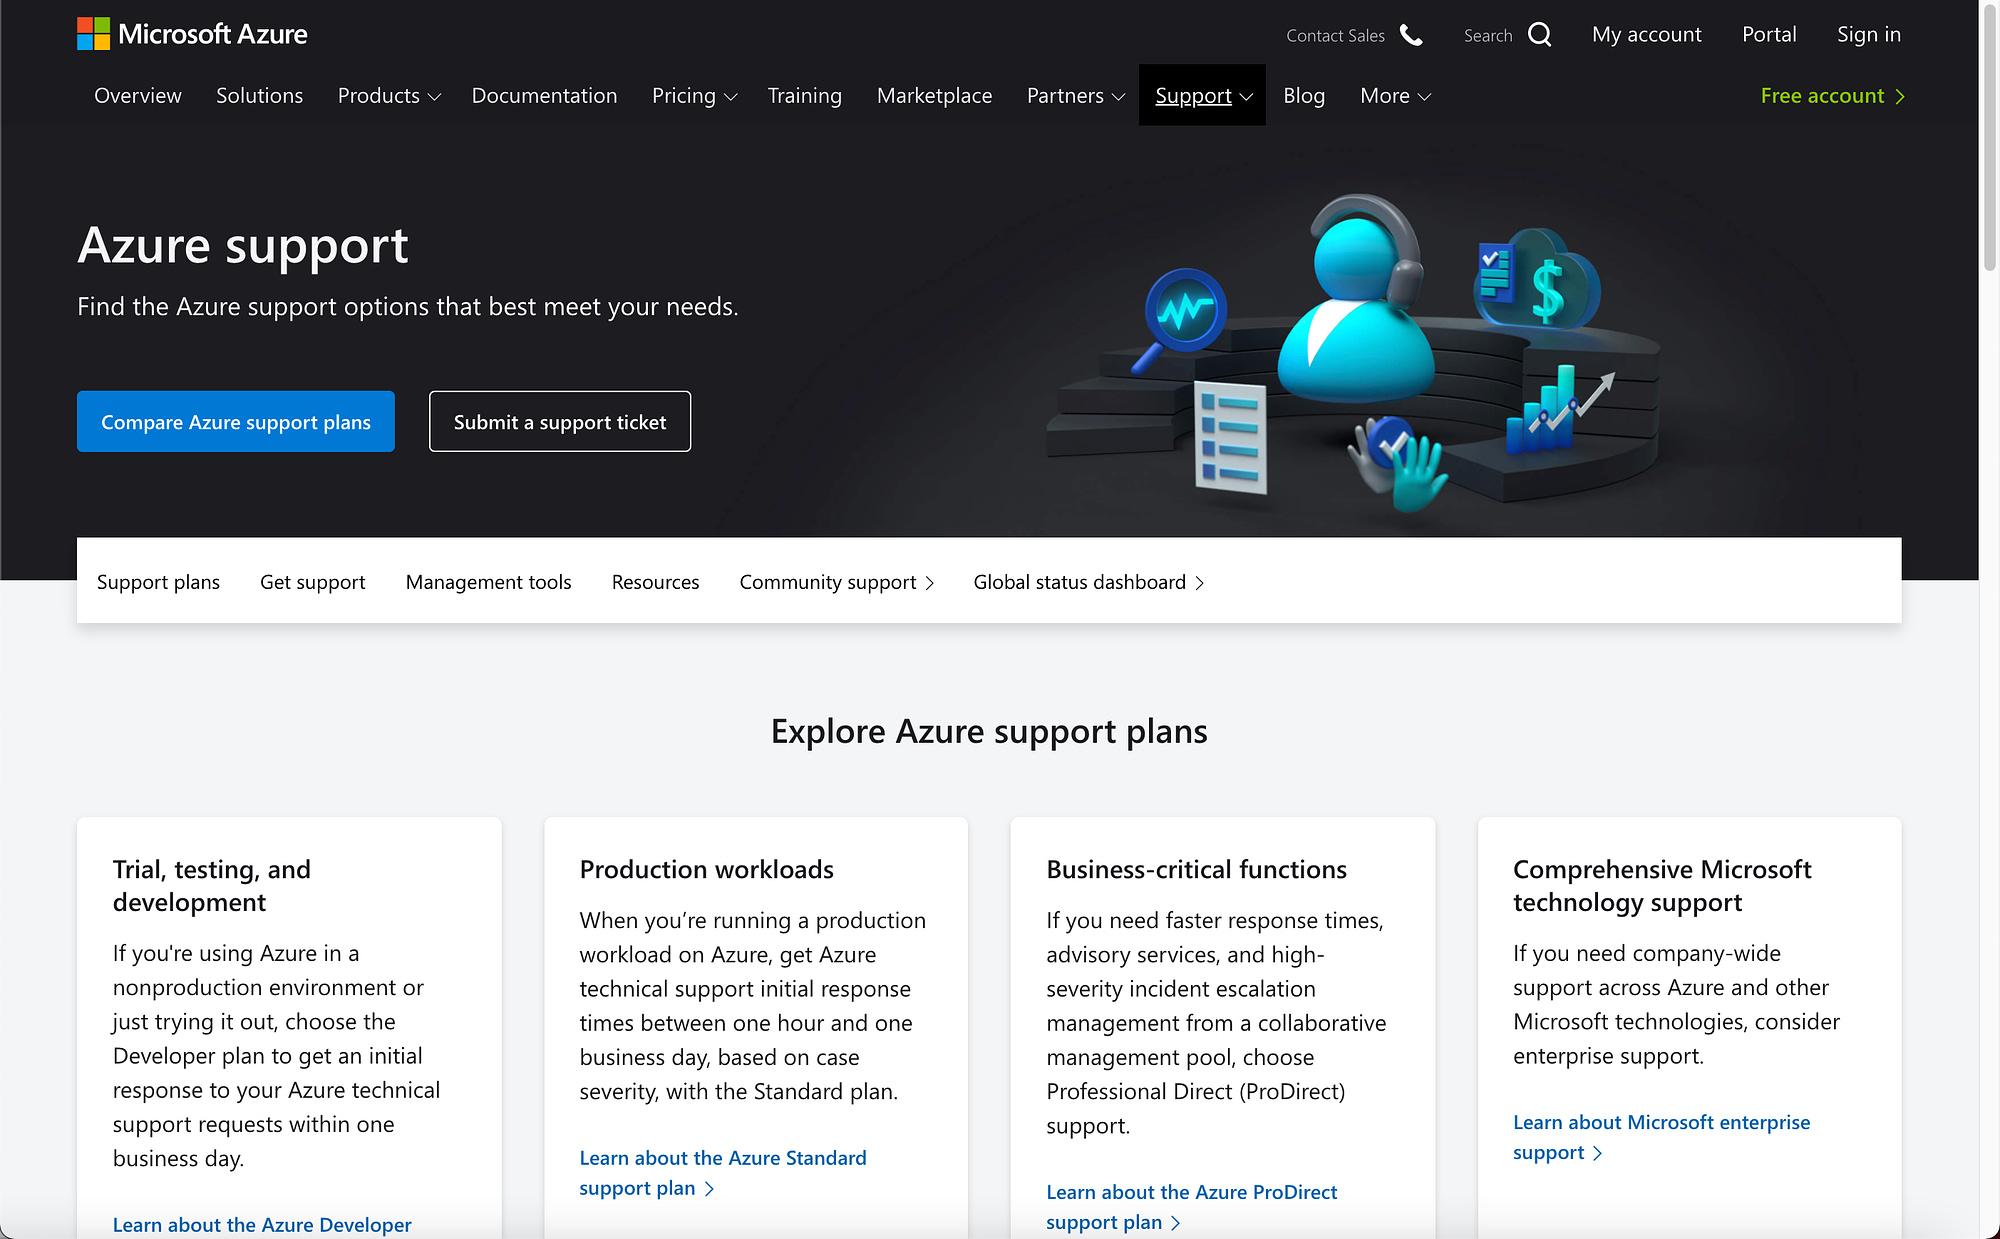 AWS vs Azure support